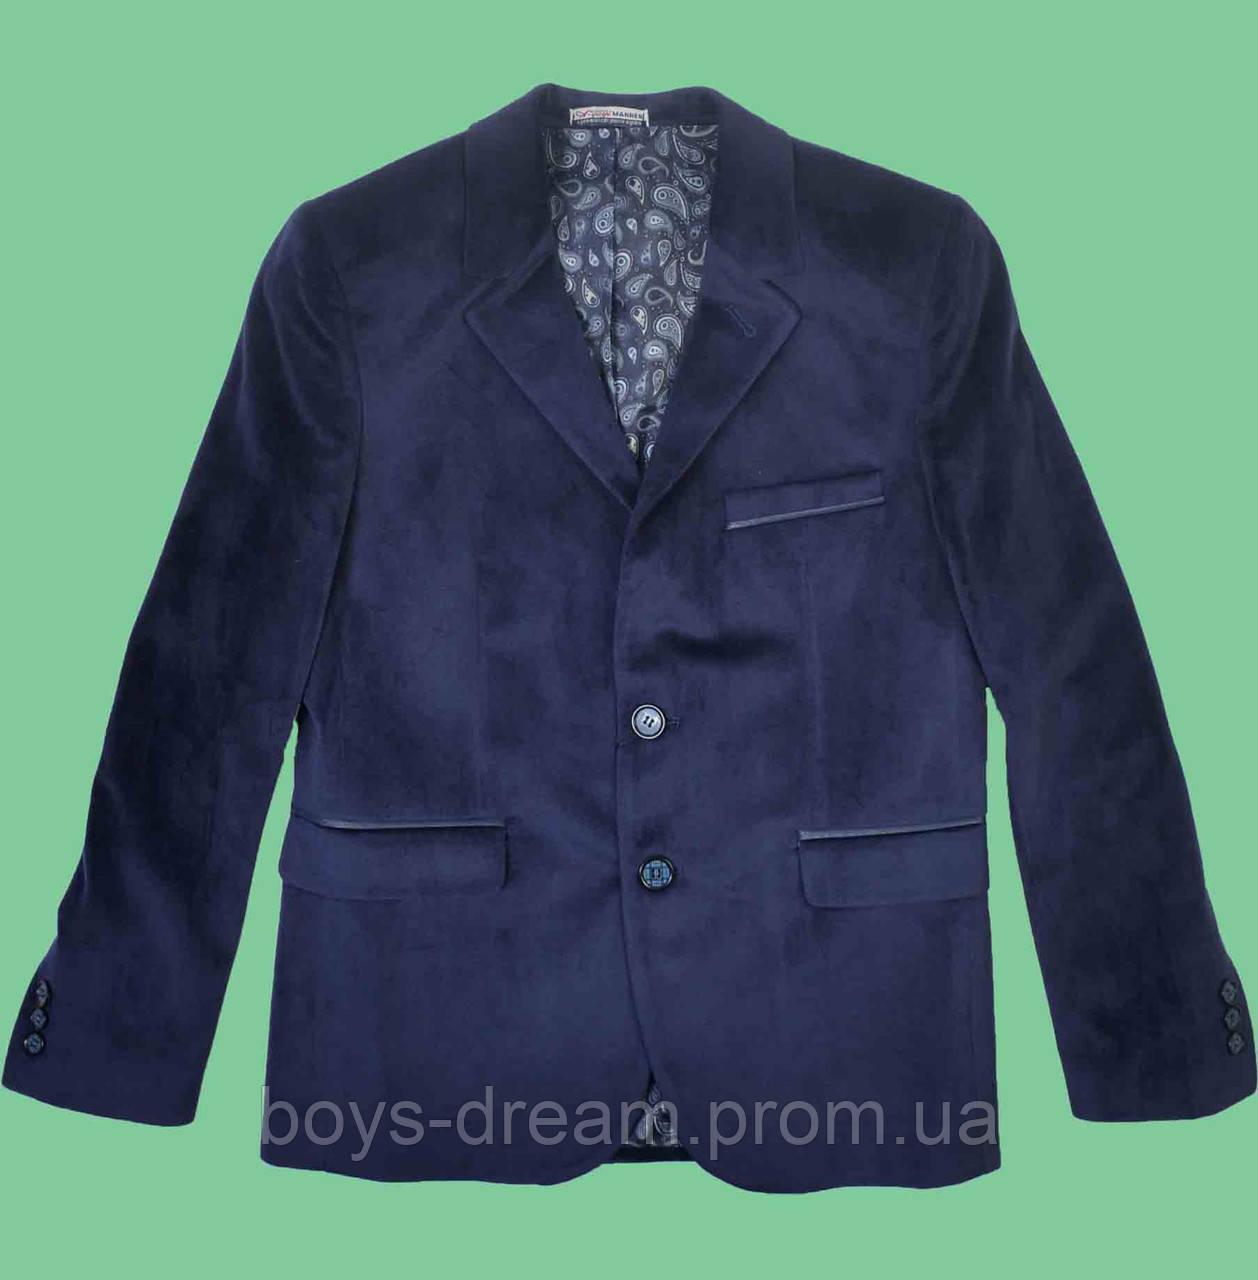 Пиджак для мальчика 152 (Турция)